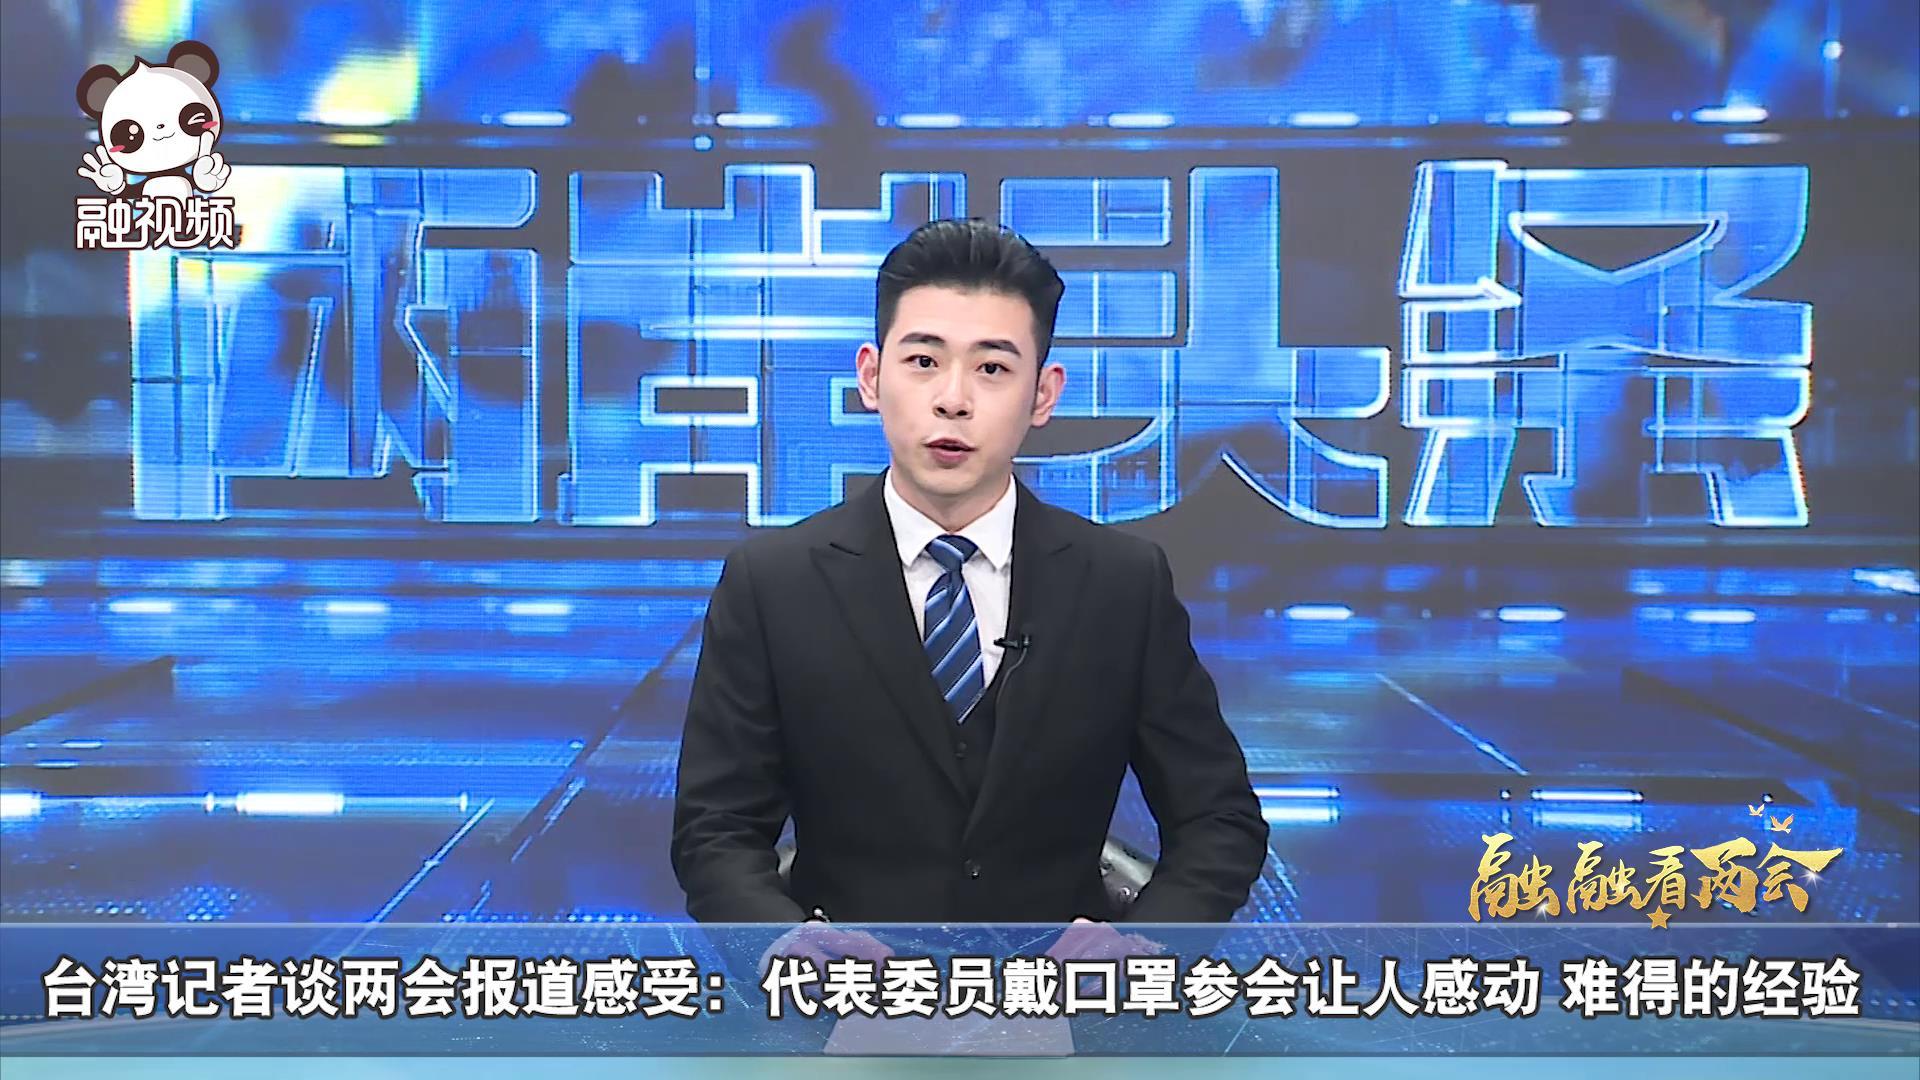 【融融看两会】台湾记者谈两会报道感受:代表委员戴口罩参会让人感动 难得的经验图片